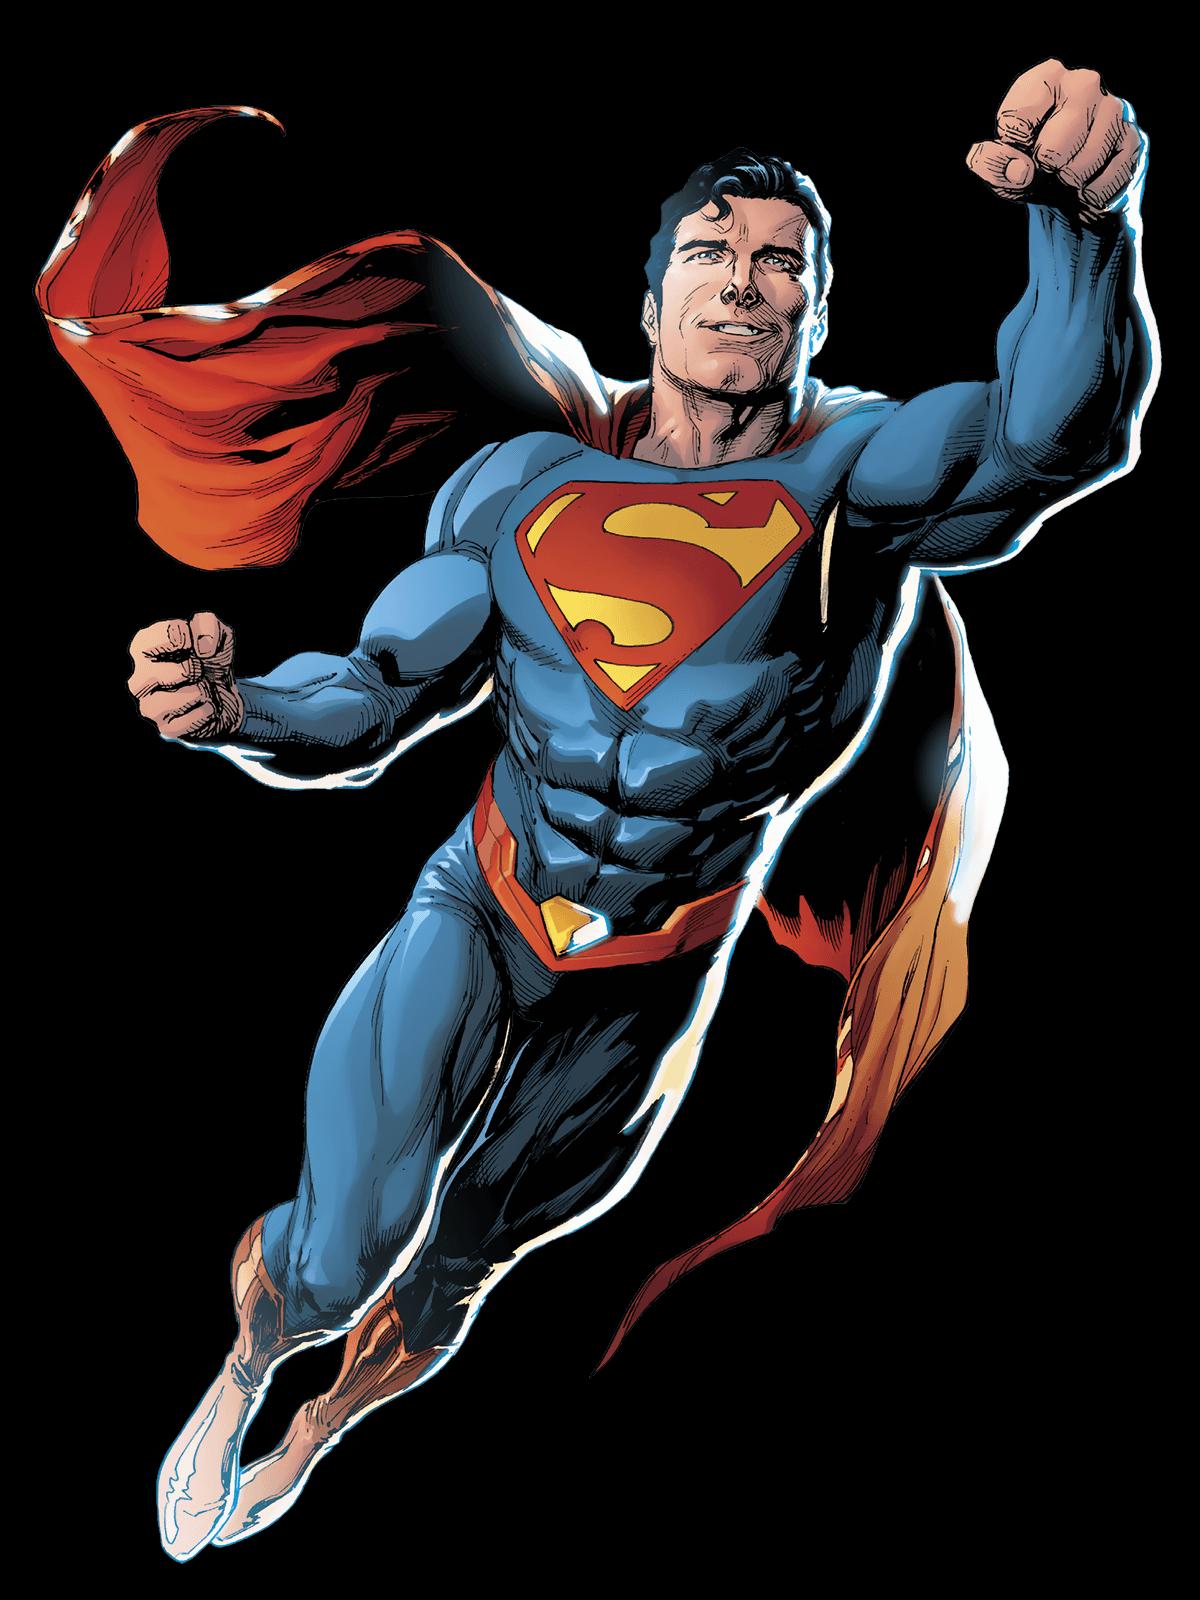 Superman cartoon png classic - Image de super hero ...